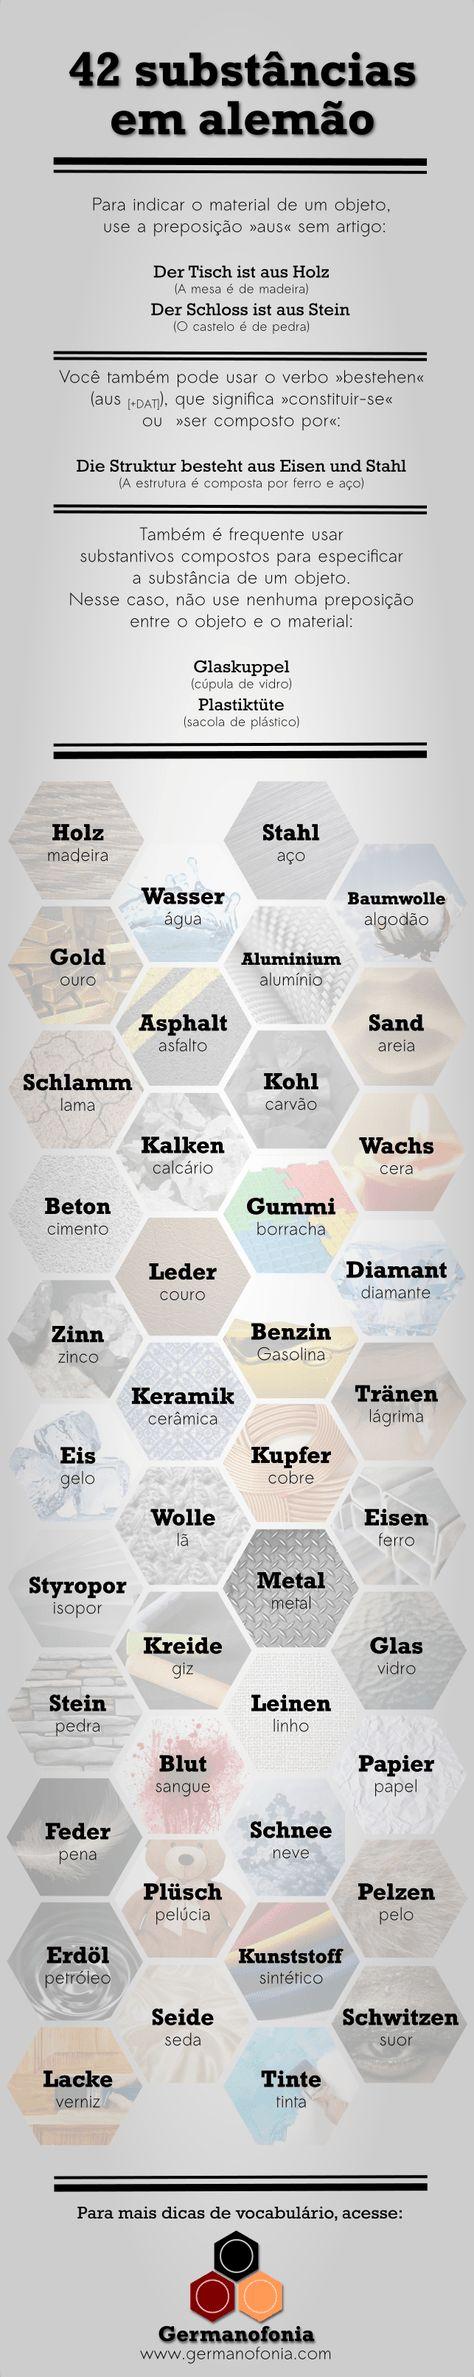 Substâncias em alemão